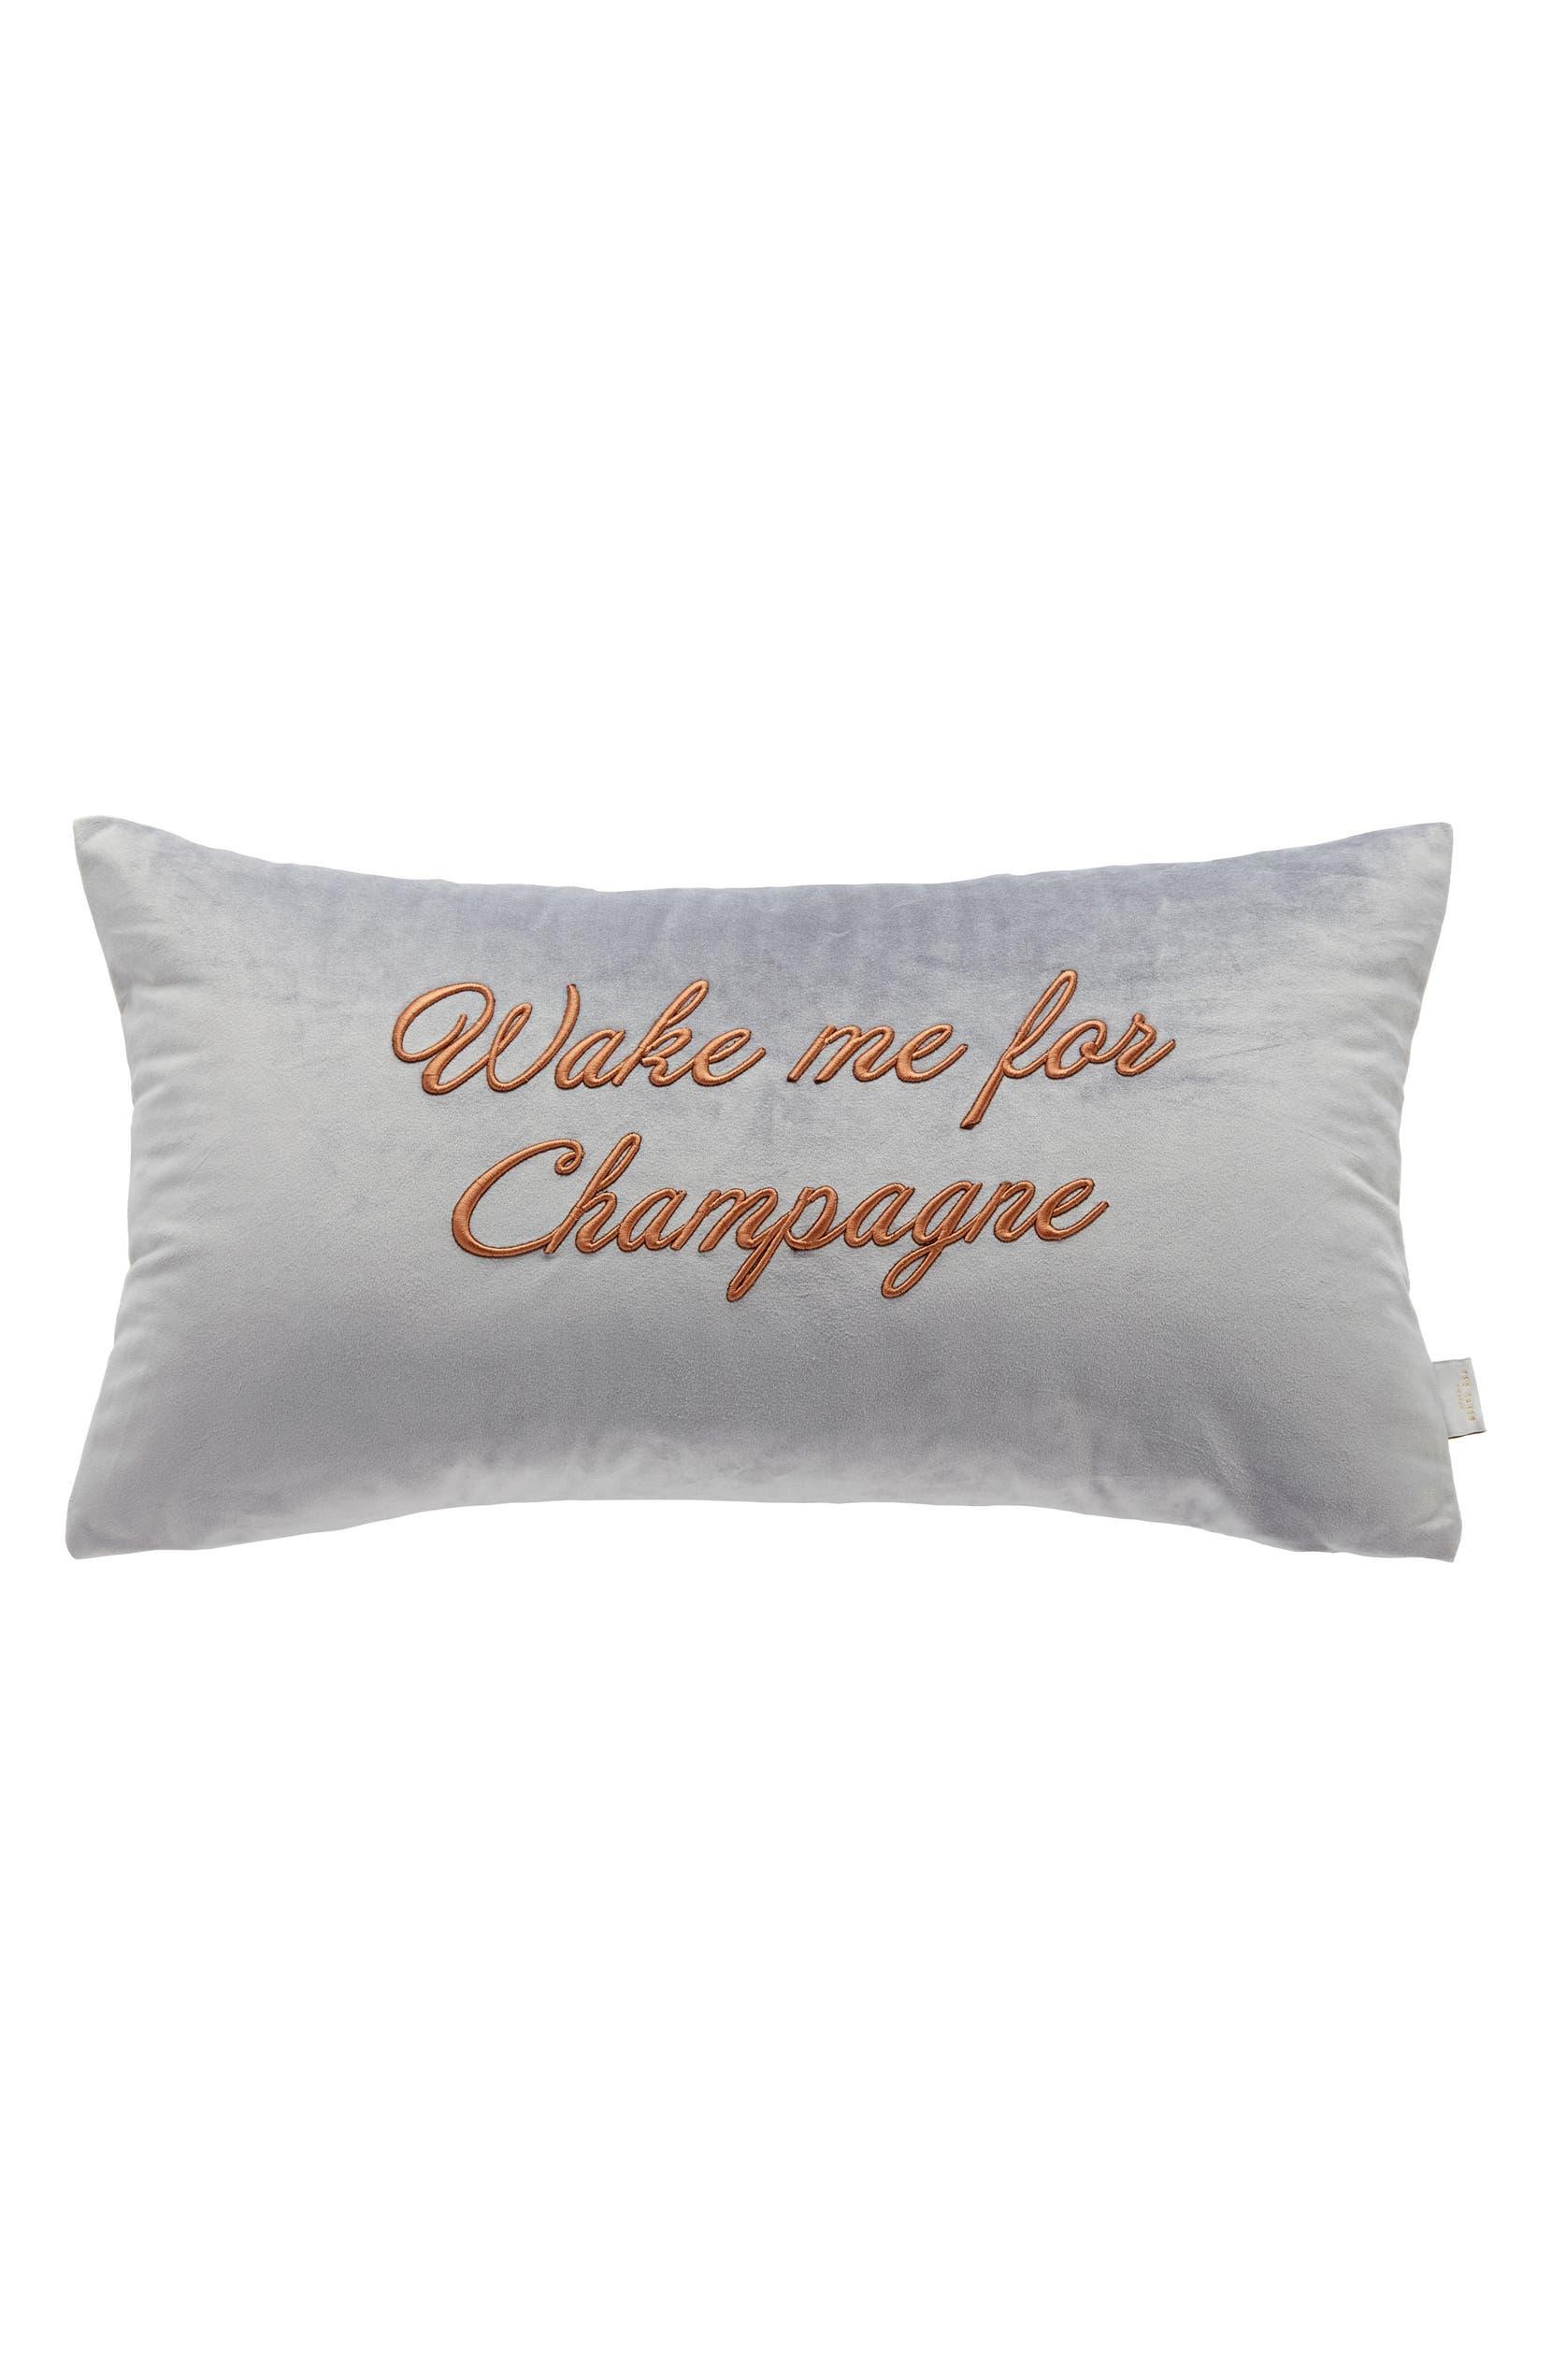 56f19d400 Ted Baker London Wake Me for Champagne Velvet Accent Pillow